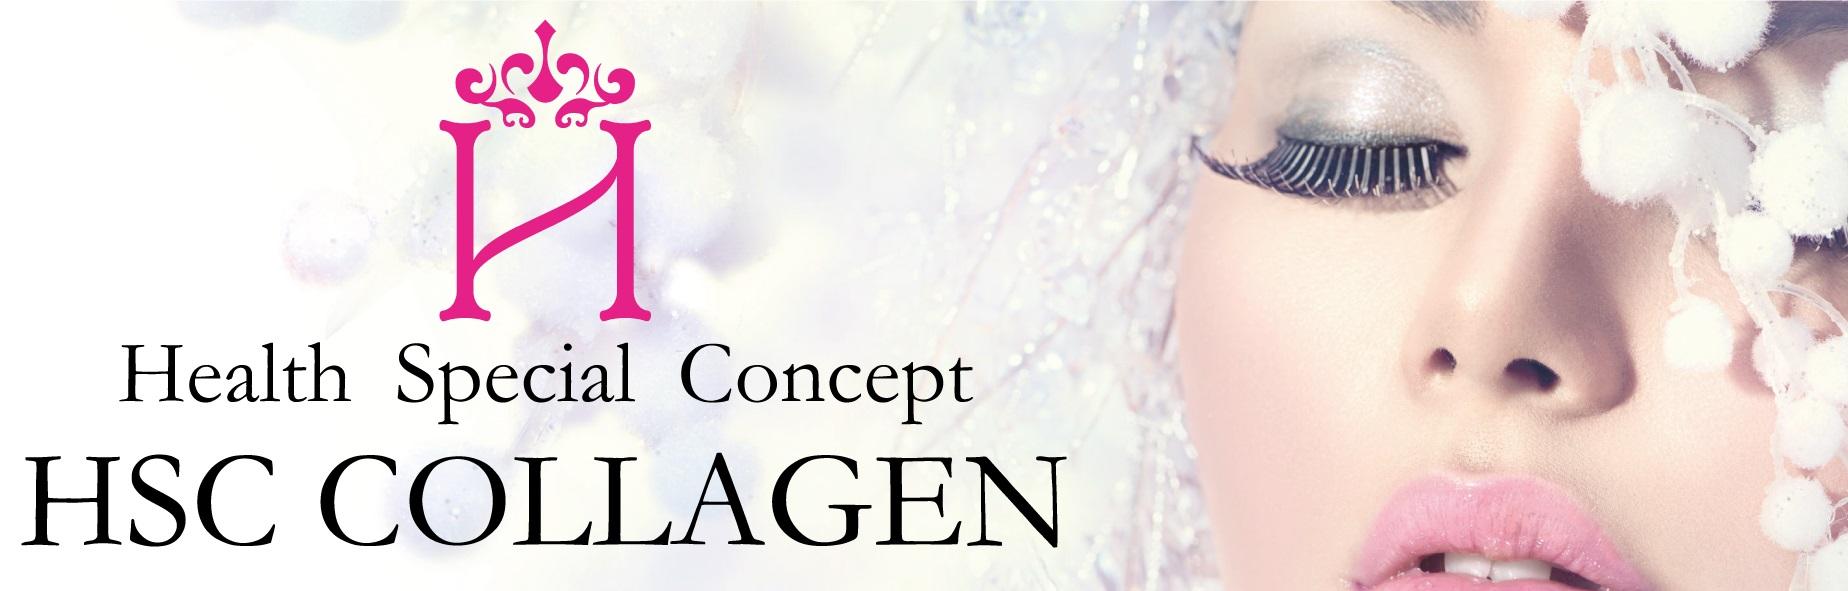 HSC COLLAGEN